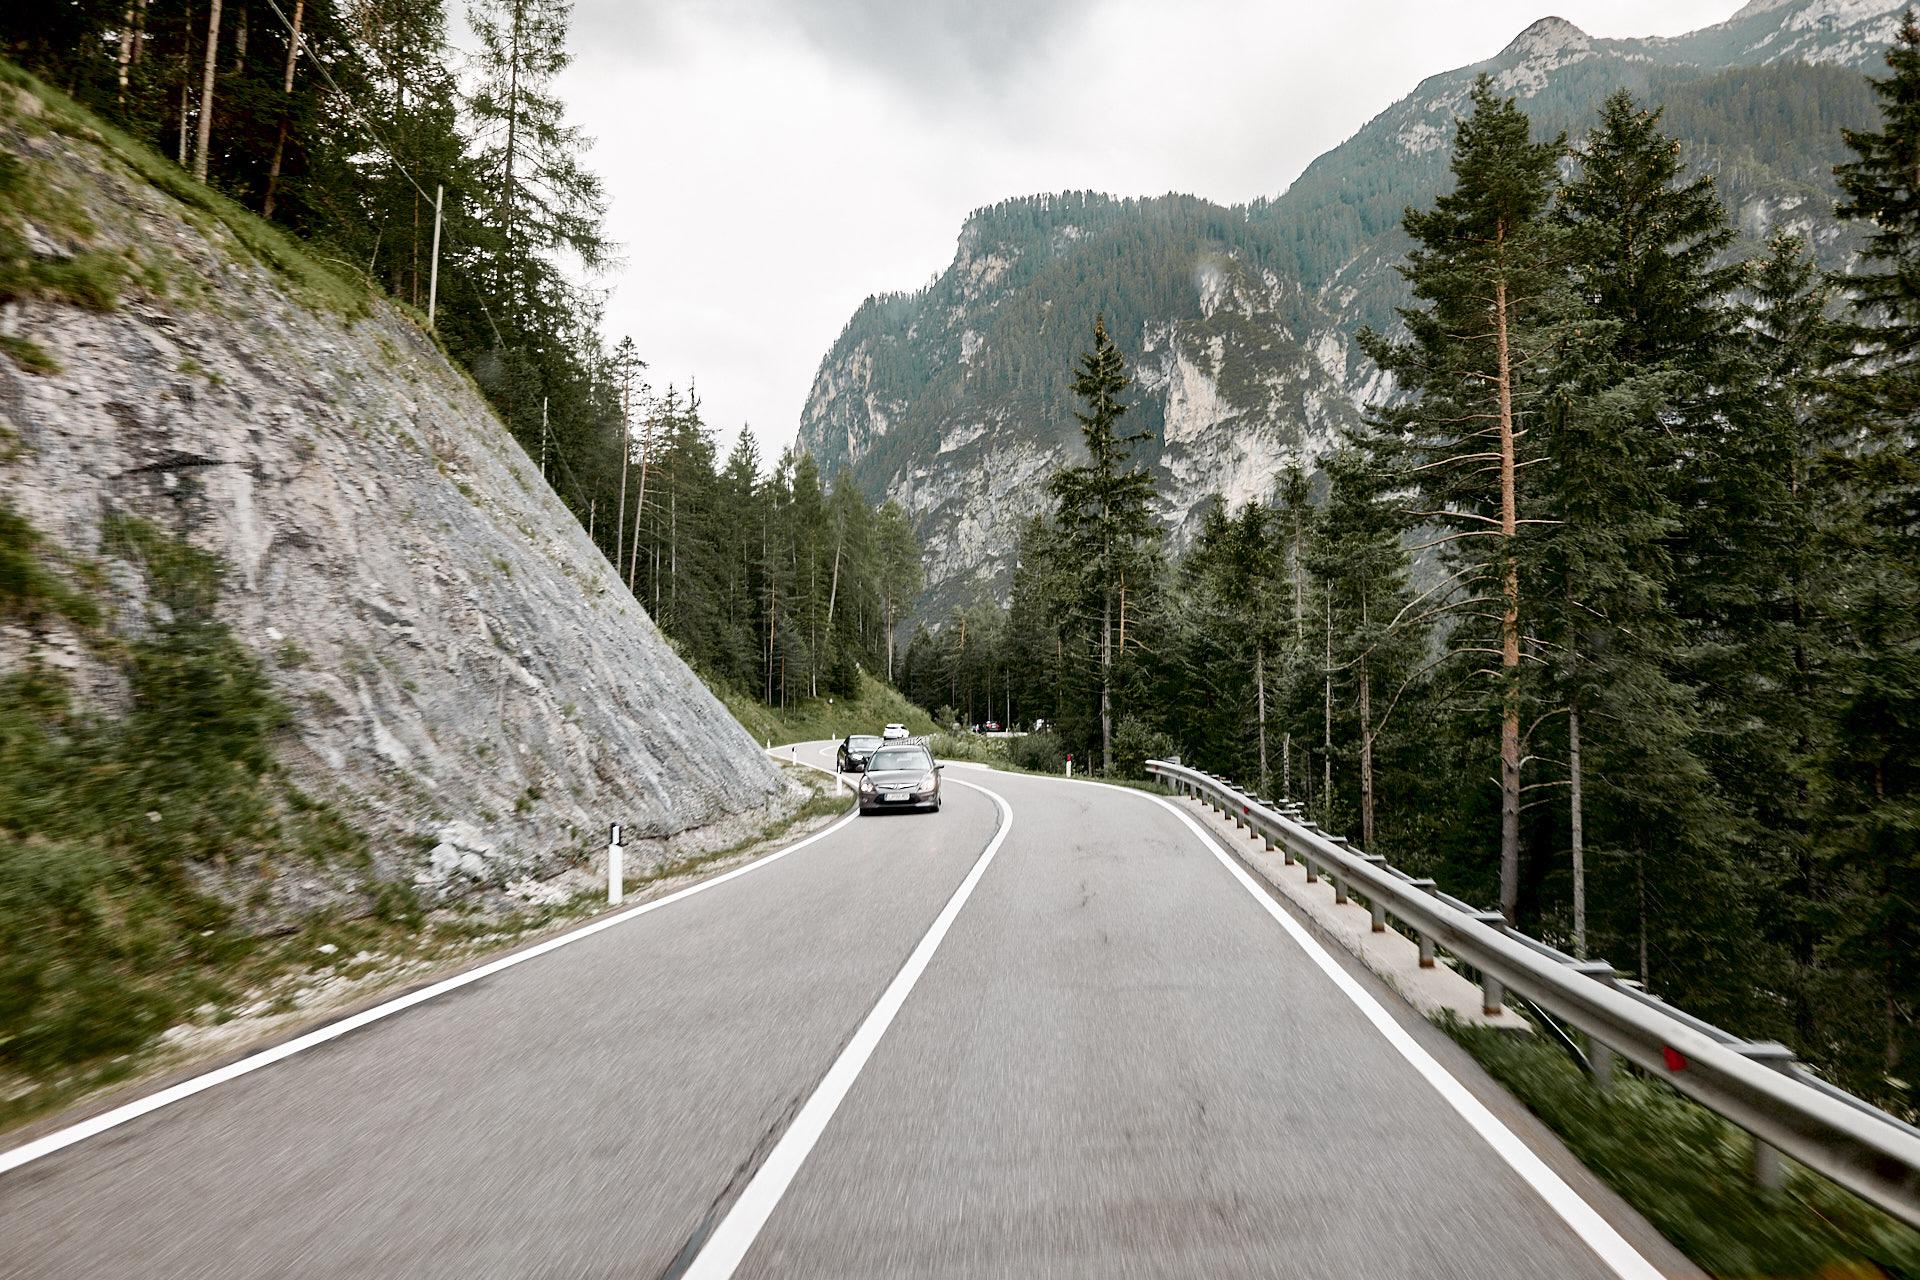 Alpenpassstrasse